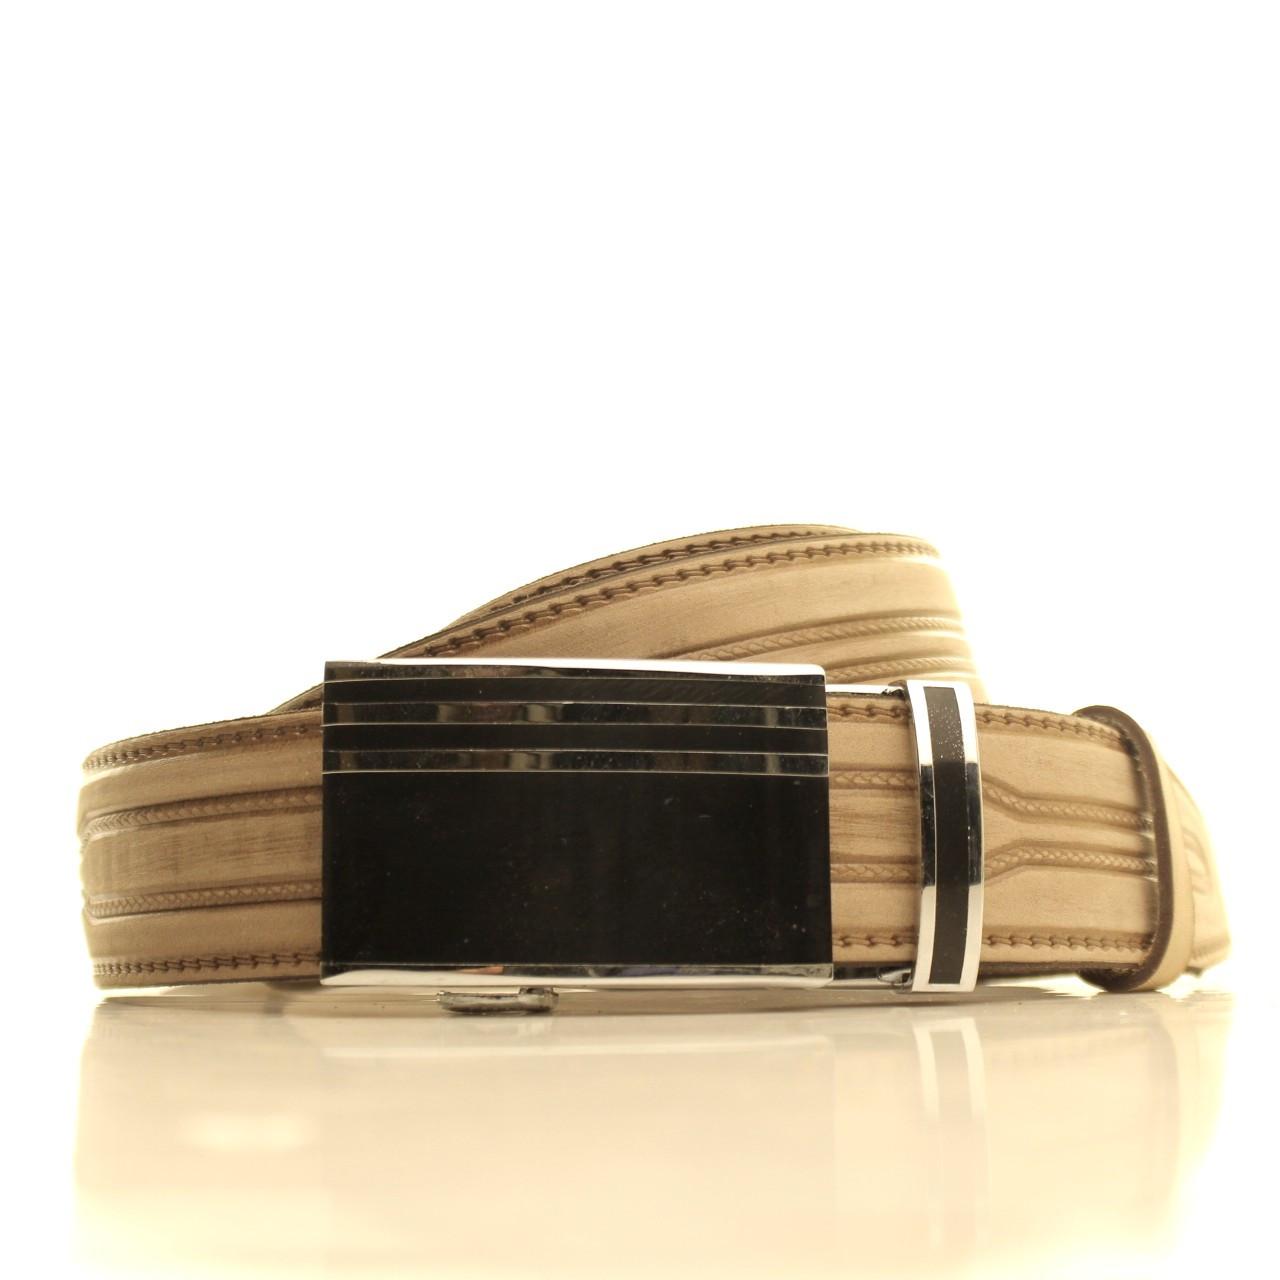 Ремень кожаный Lazar 105-115 см бежевый l35u1a112